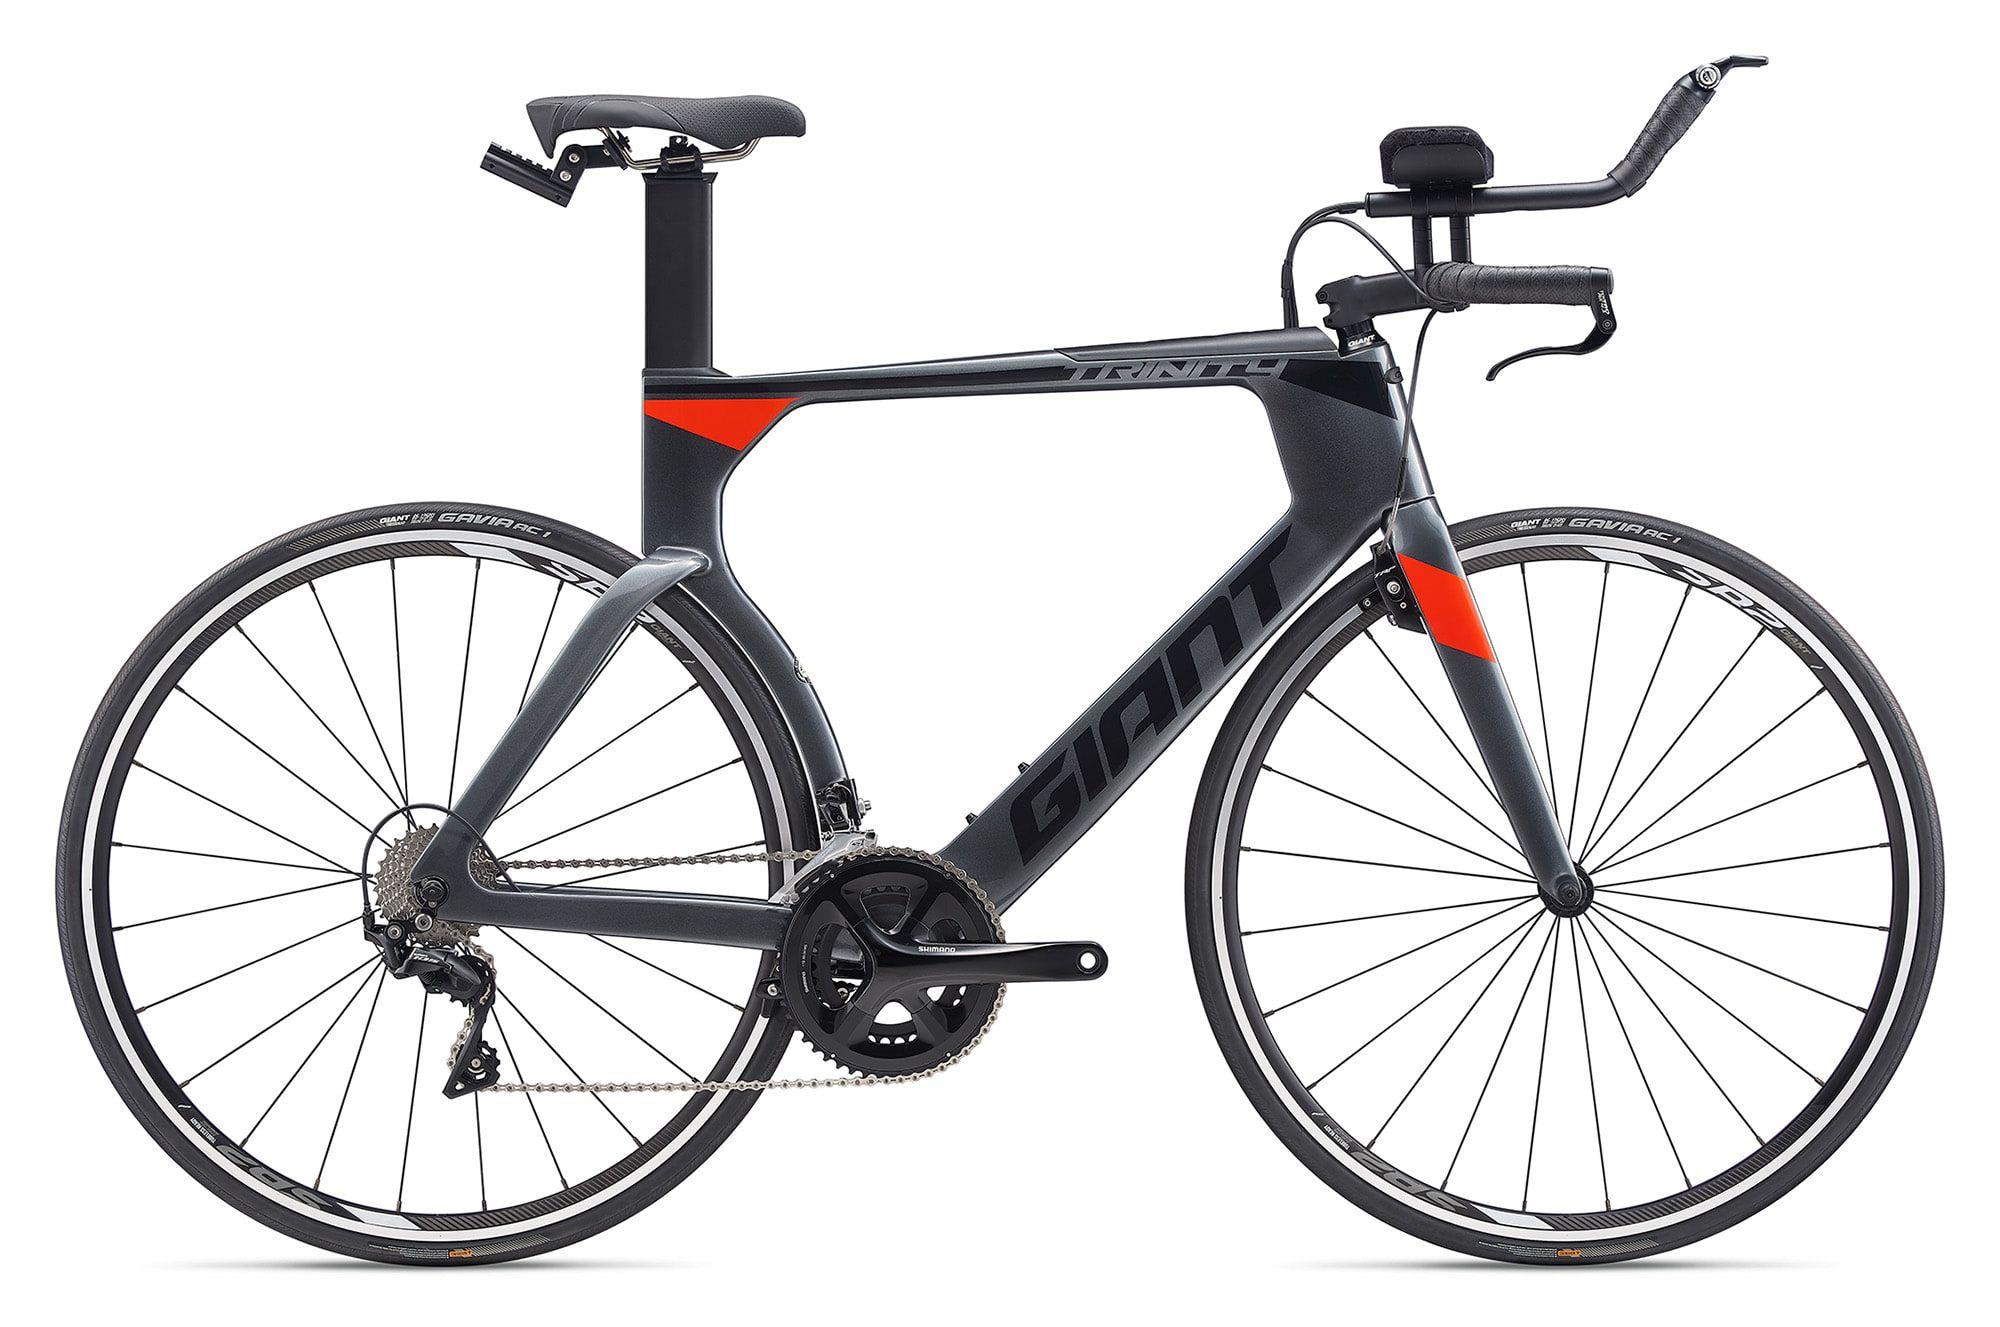 Giant Trinity Advanced Tt Bike 2020 | Tri og enkeltstart